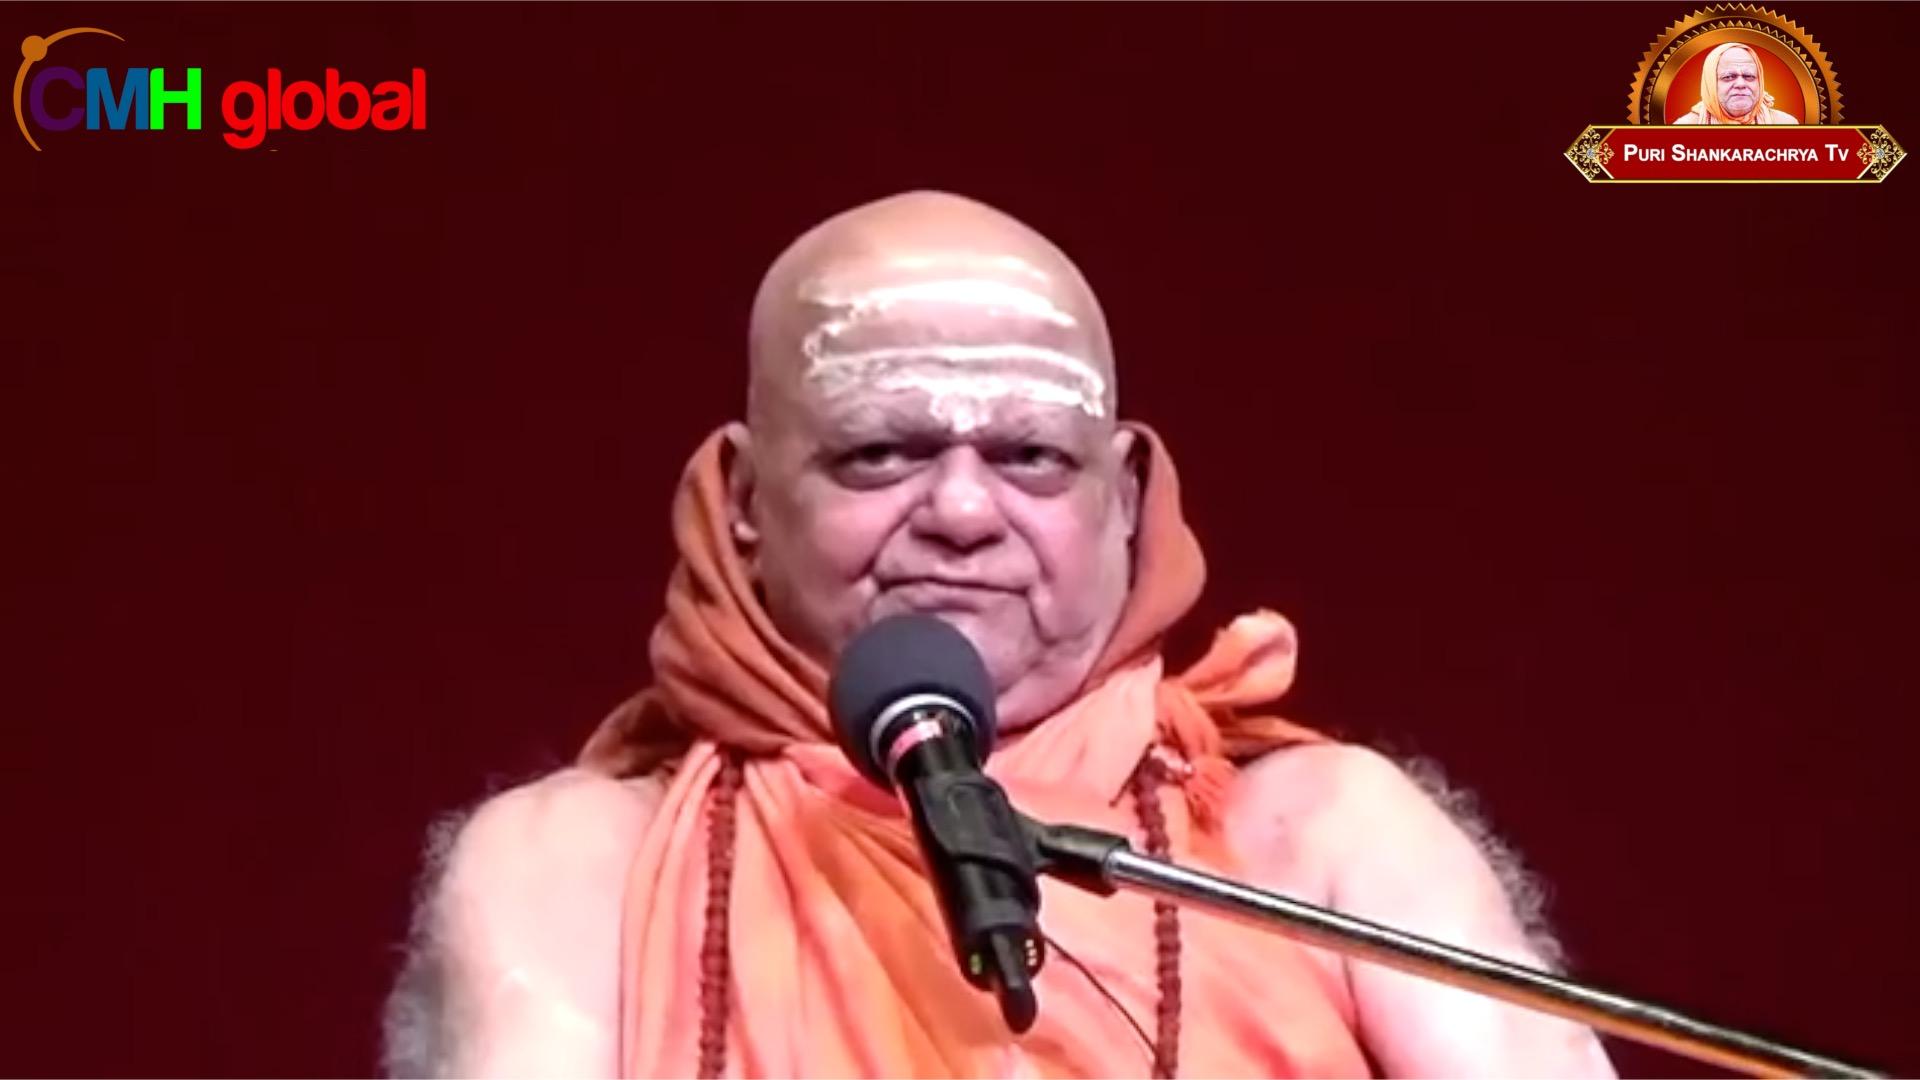 Gyan Dhara Ep -25 by Puri Shankaracharya Swami Nishchalananda Saraswati Ji